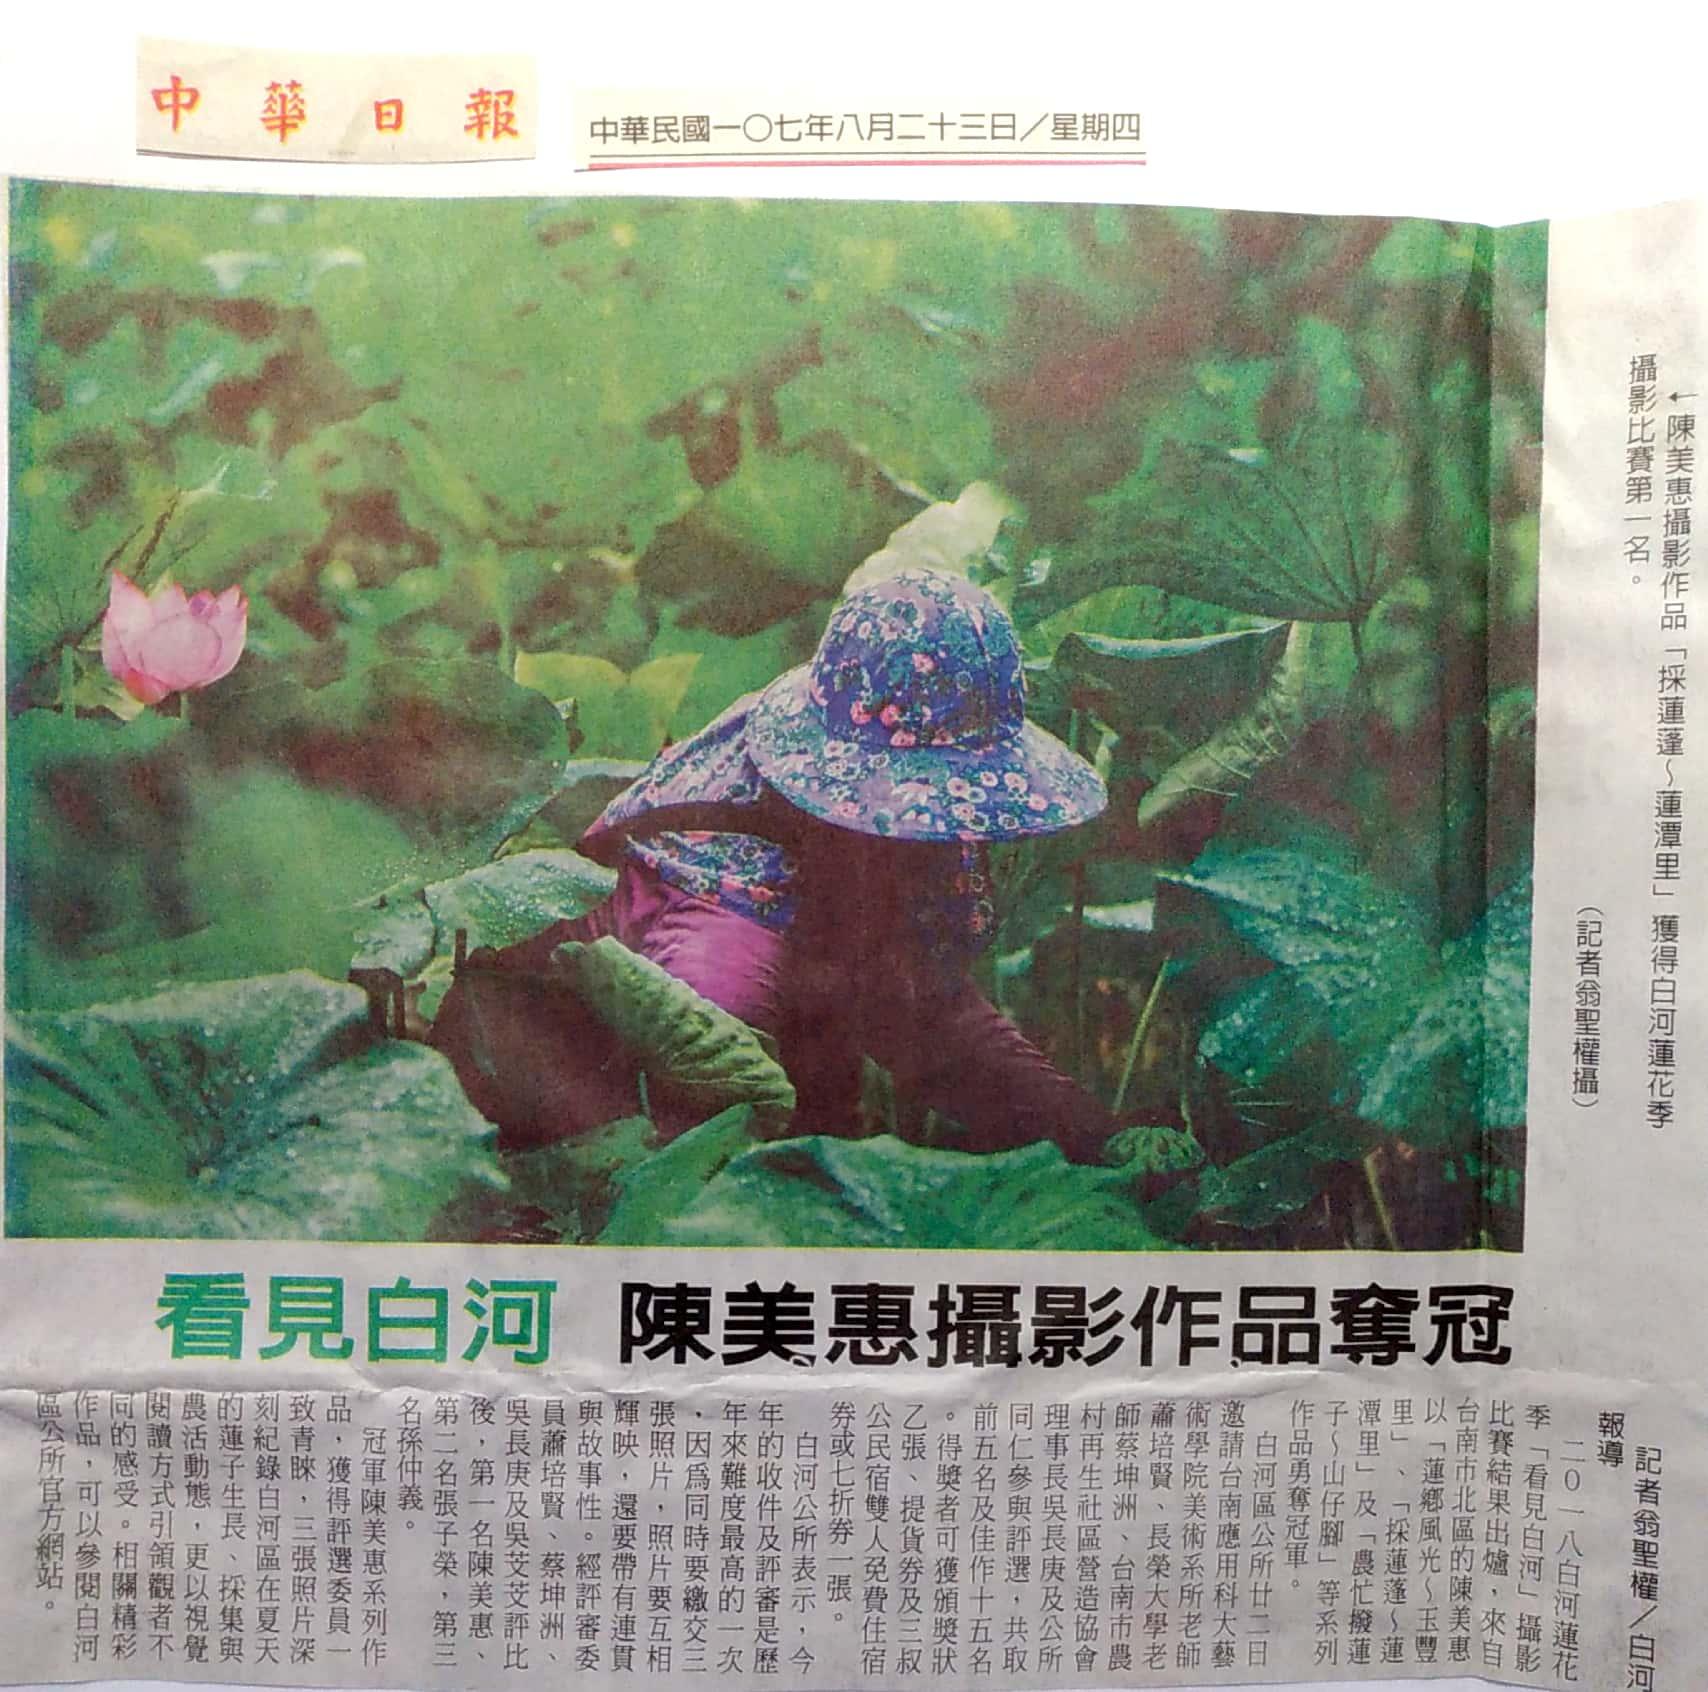 蓮花季攝影比賽報導